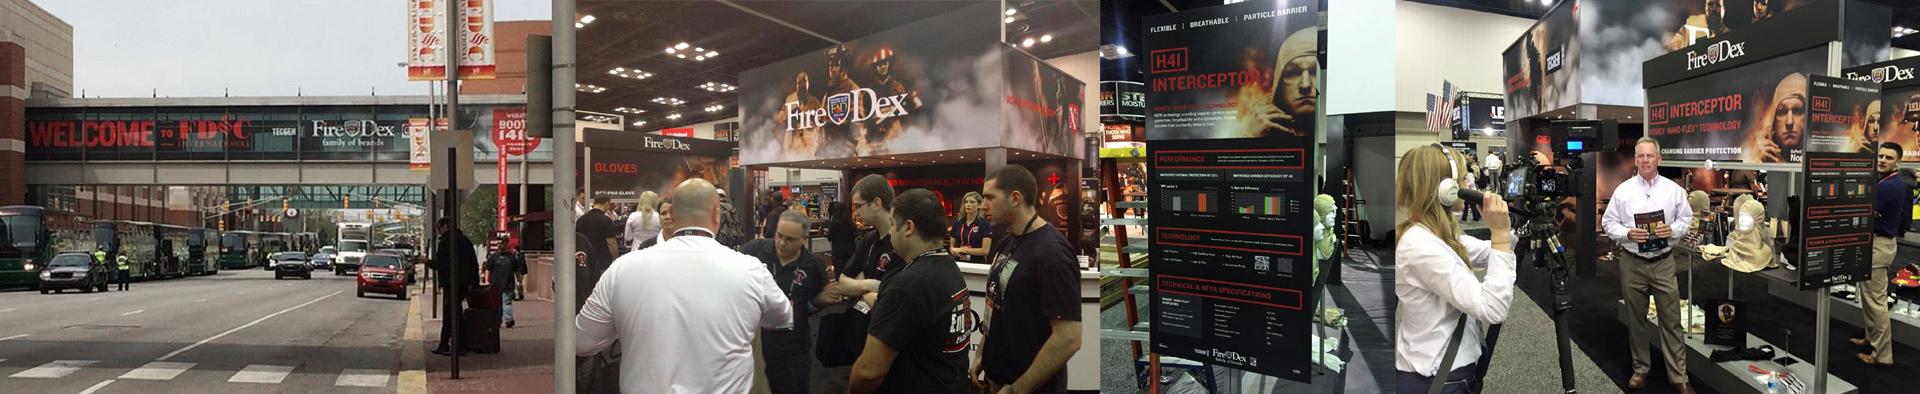 FireDex FDIC 2016 Site Photos 2